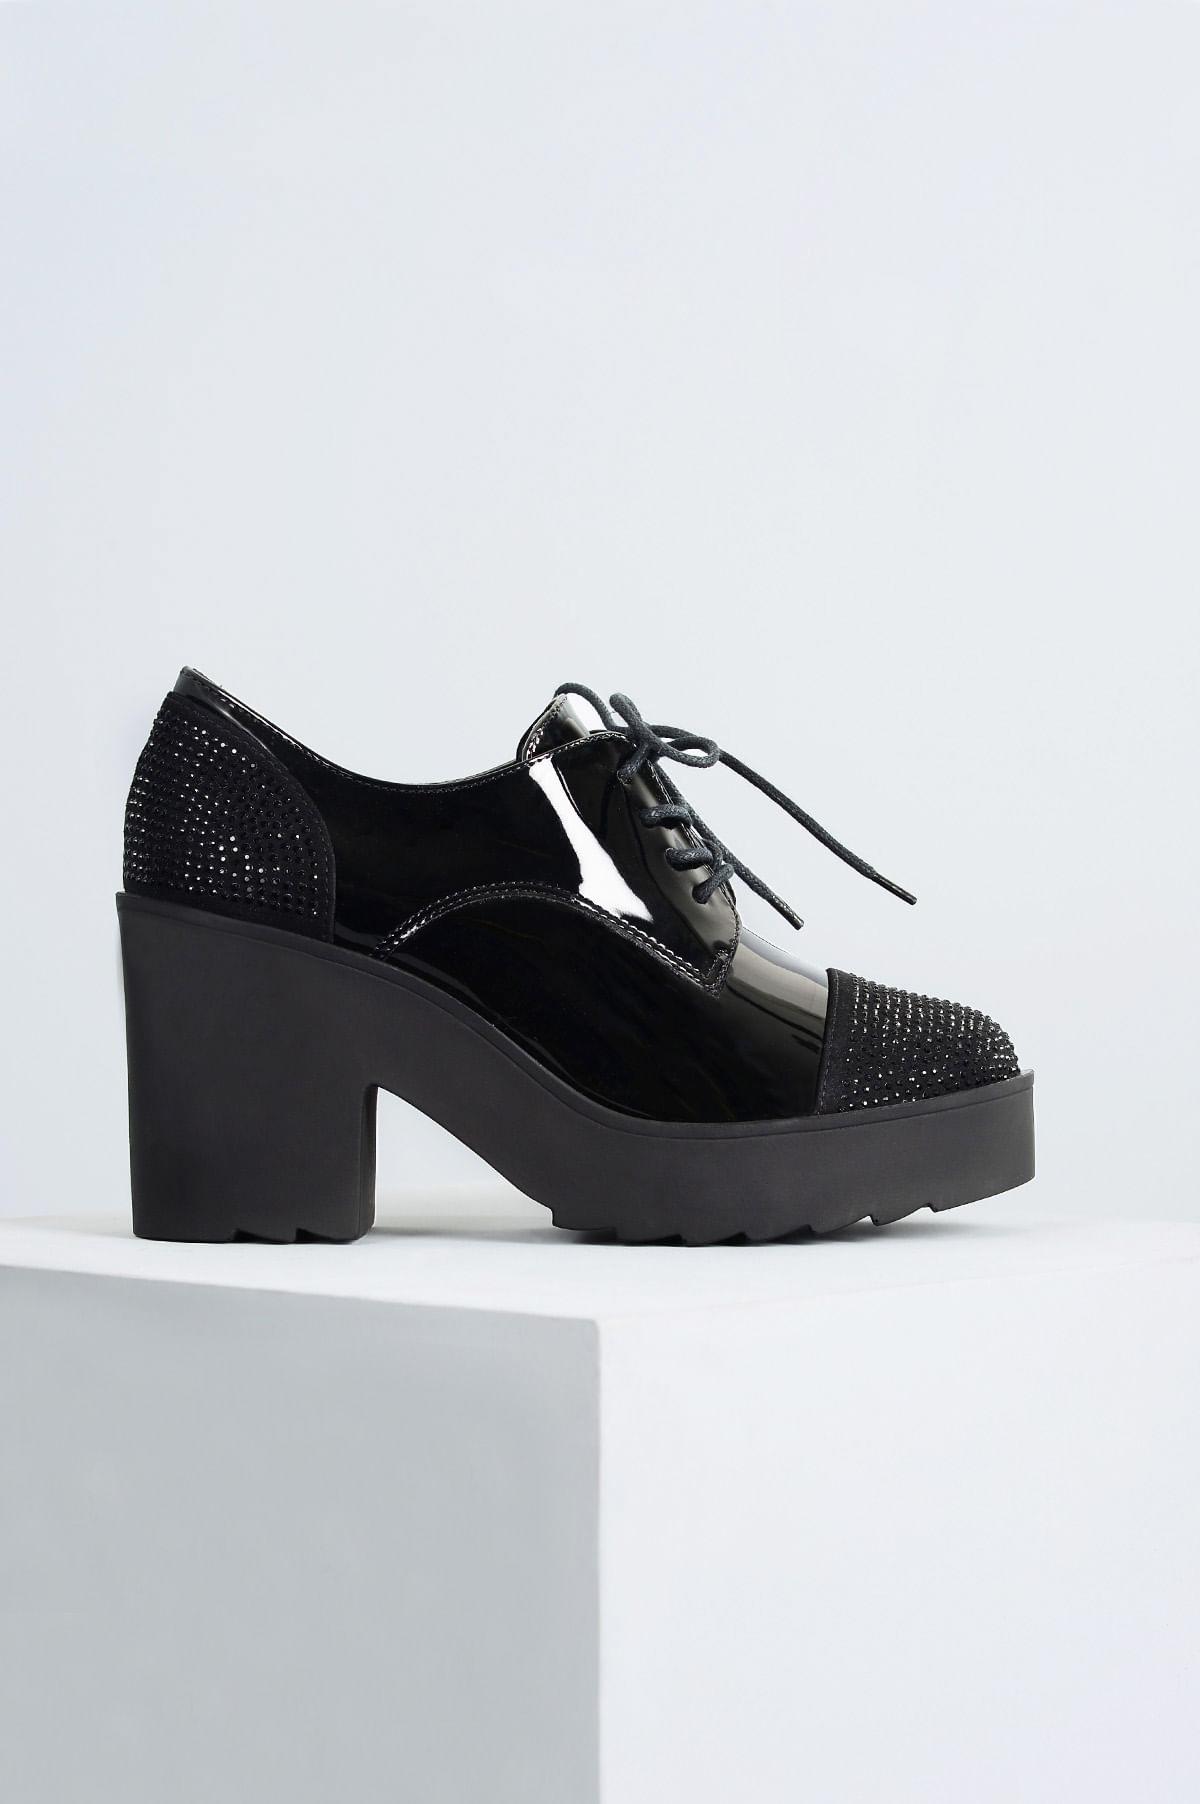 ae077ff86 Oxford Feminino Anabely Mundial VERNIZ PRETO - Mundial Calçados